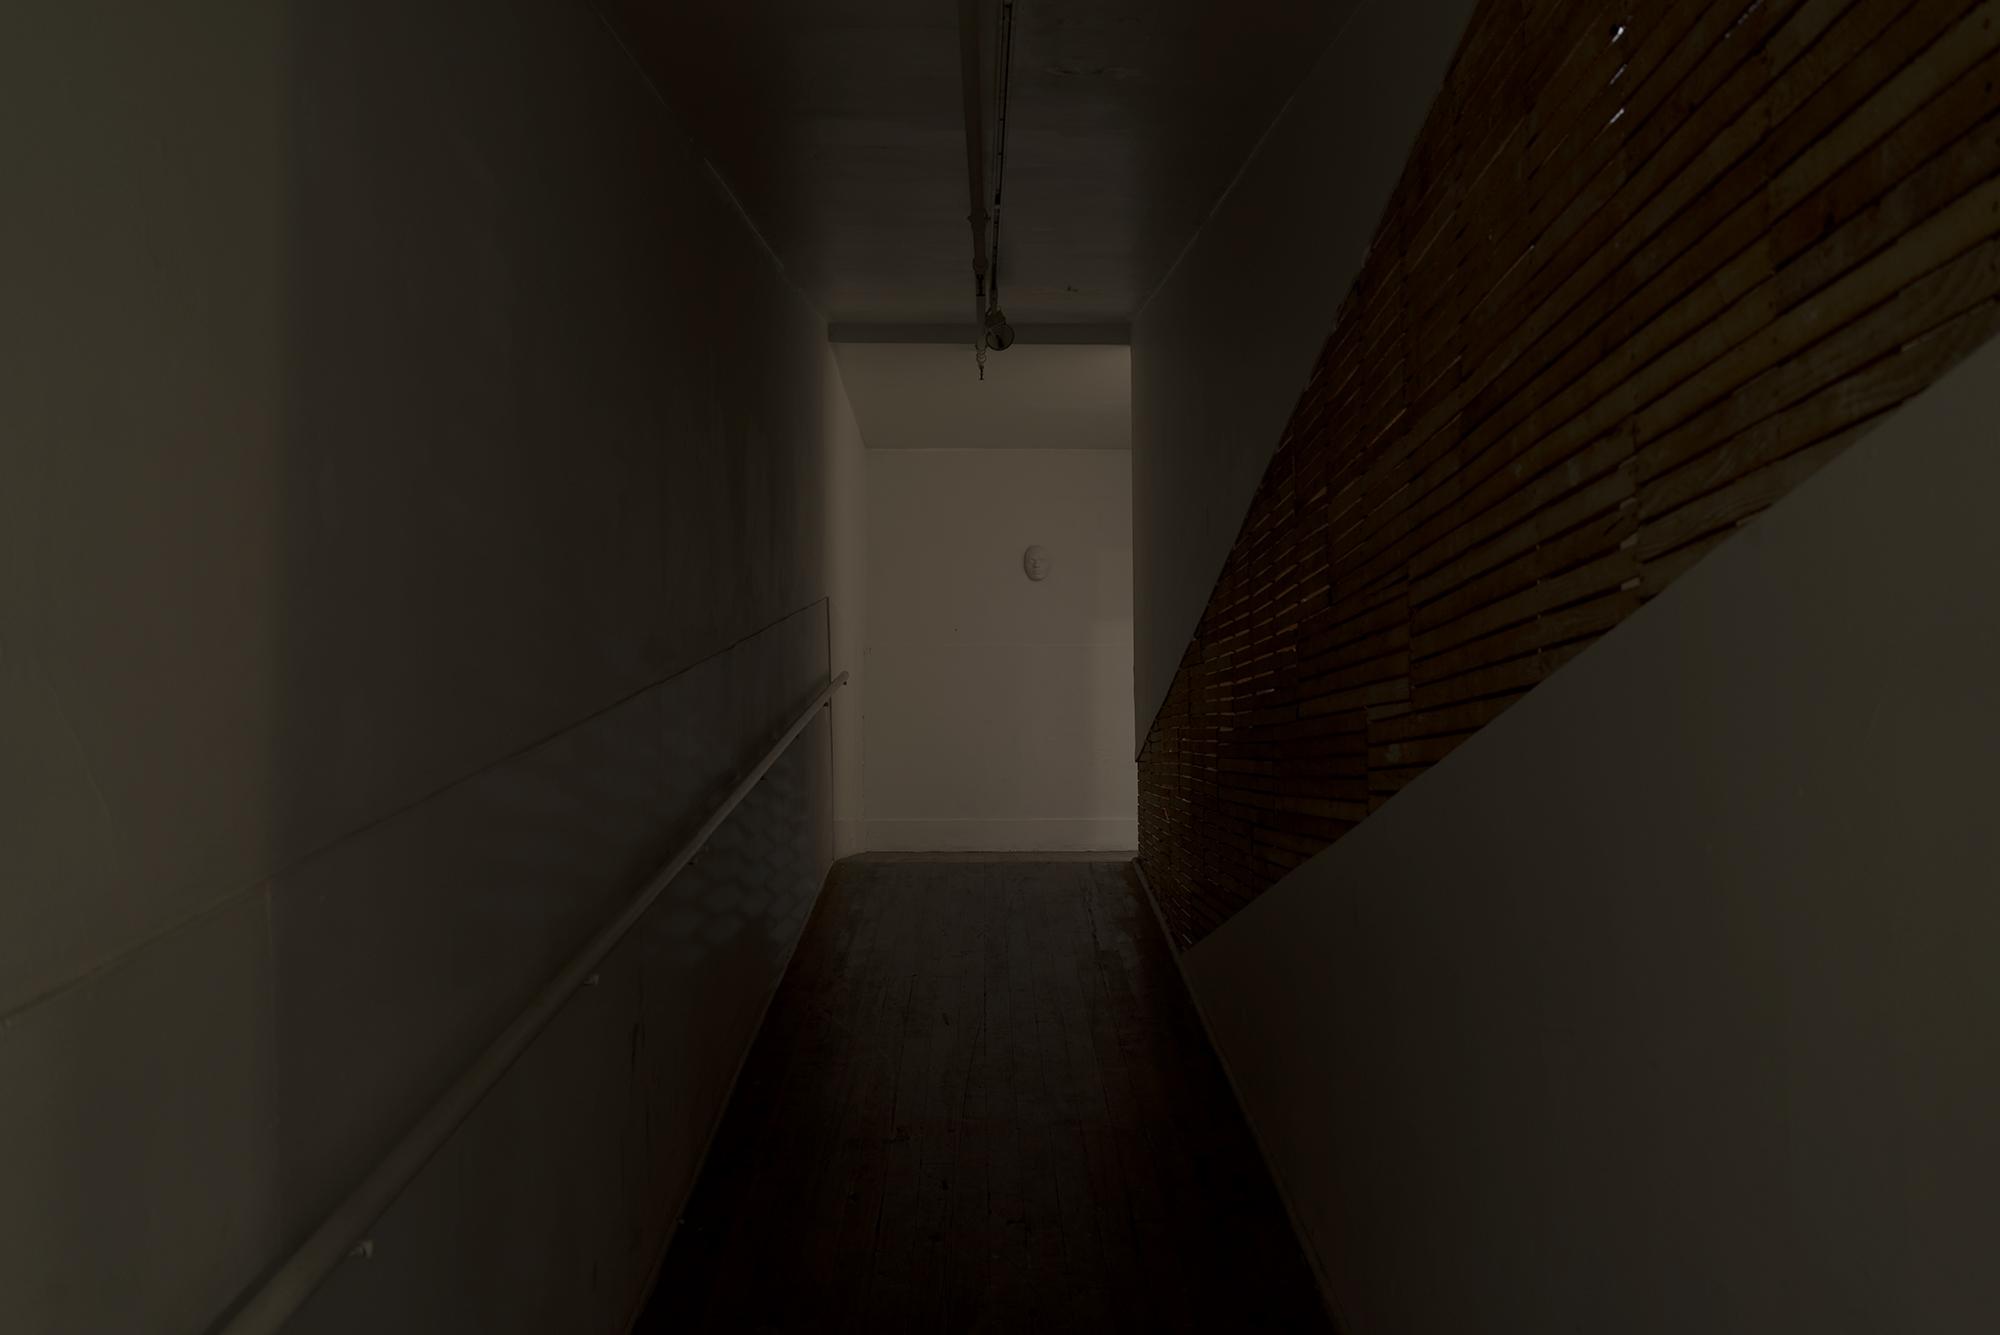 install_01.jpg